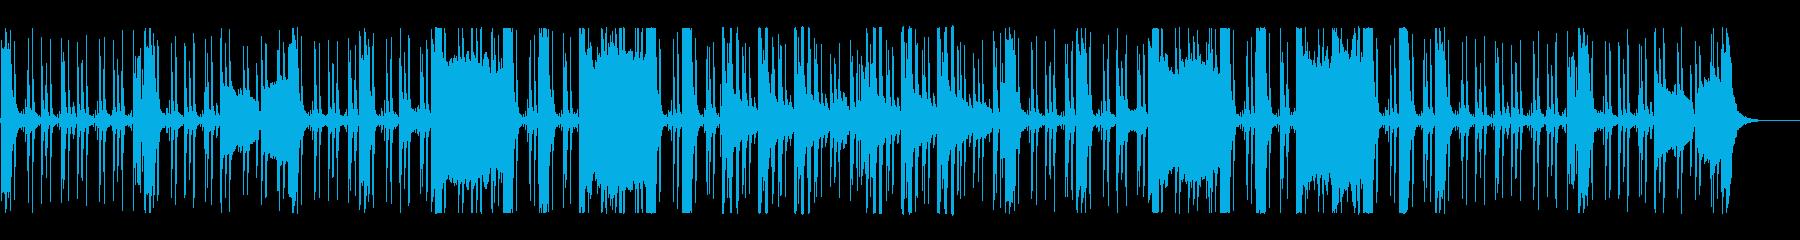 ホーンセクションのハードボイルドなビートの再生済みの波形